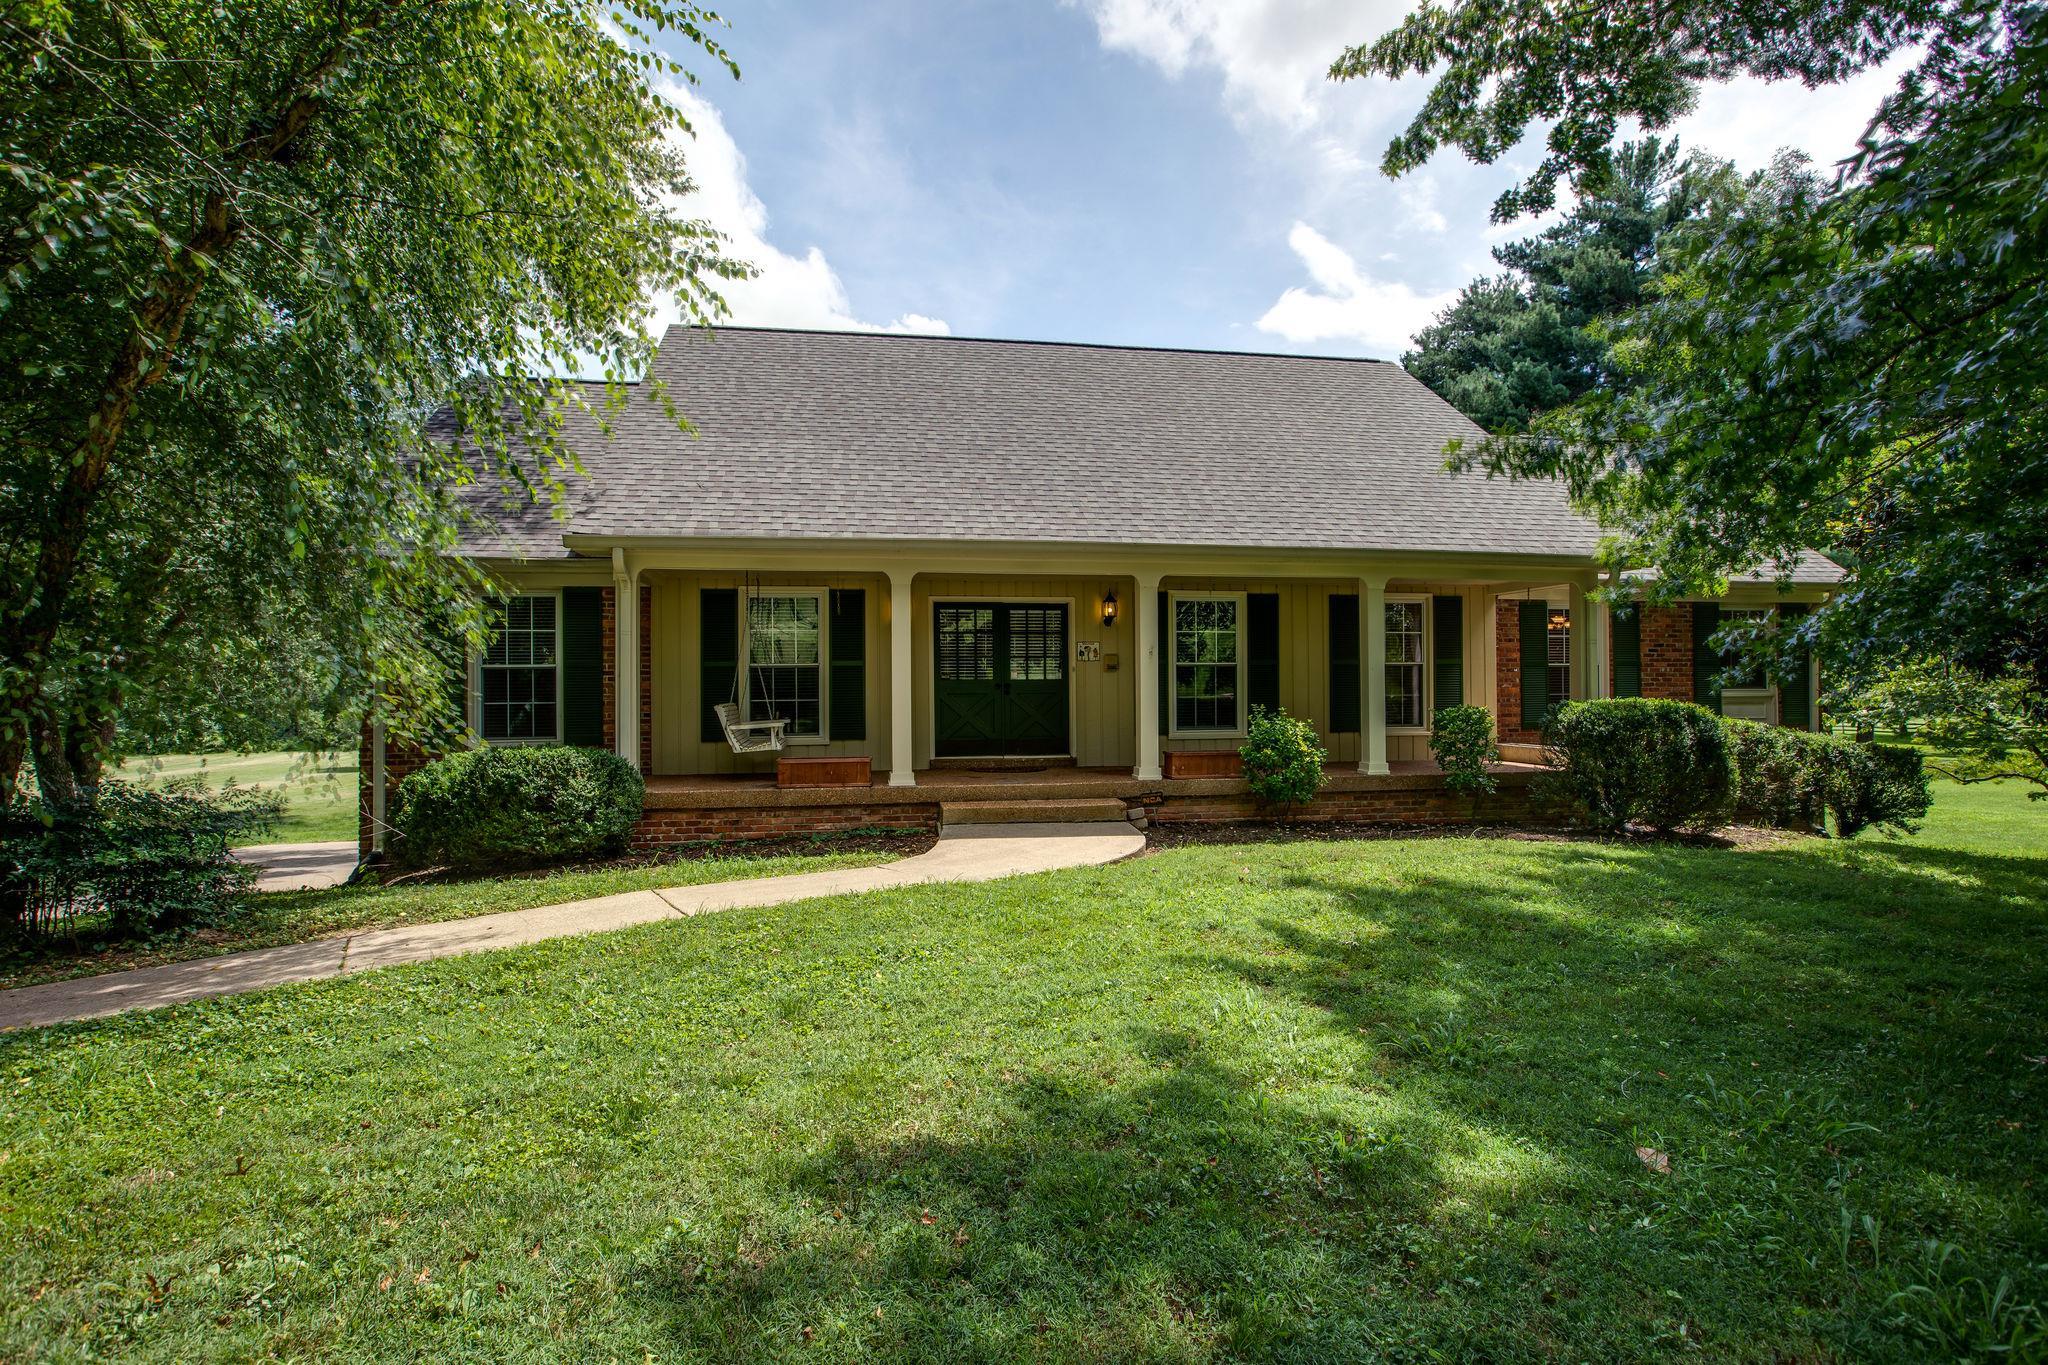 6737 Holt Rd, Nashville, TN 37211 - Nashville, TN real estate listing